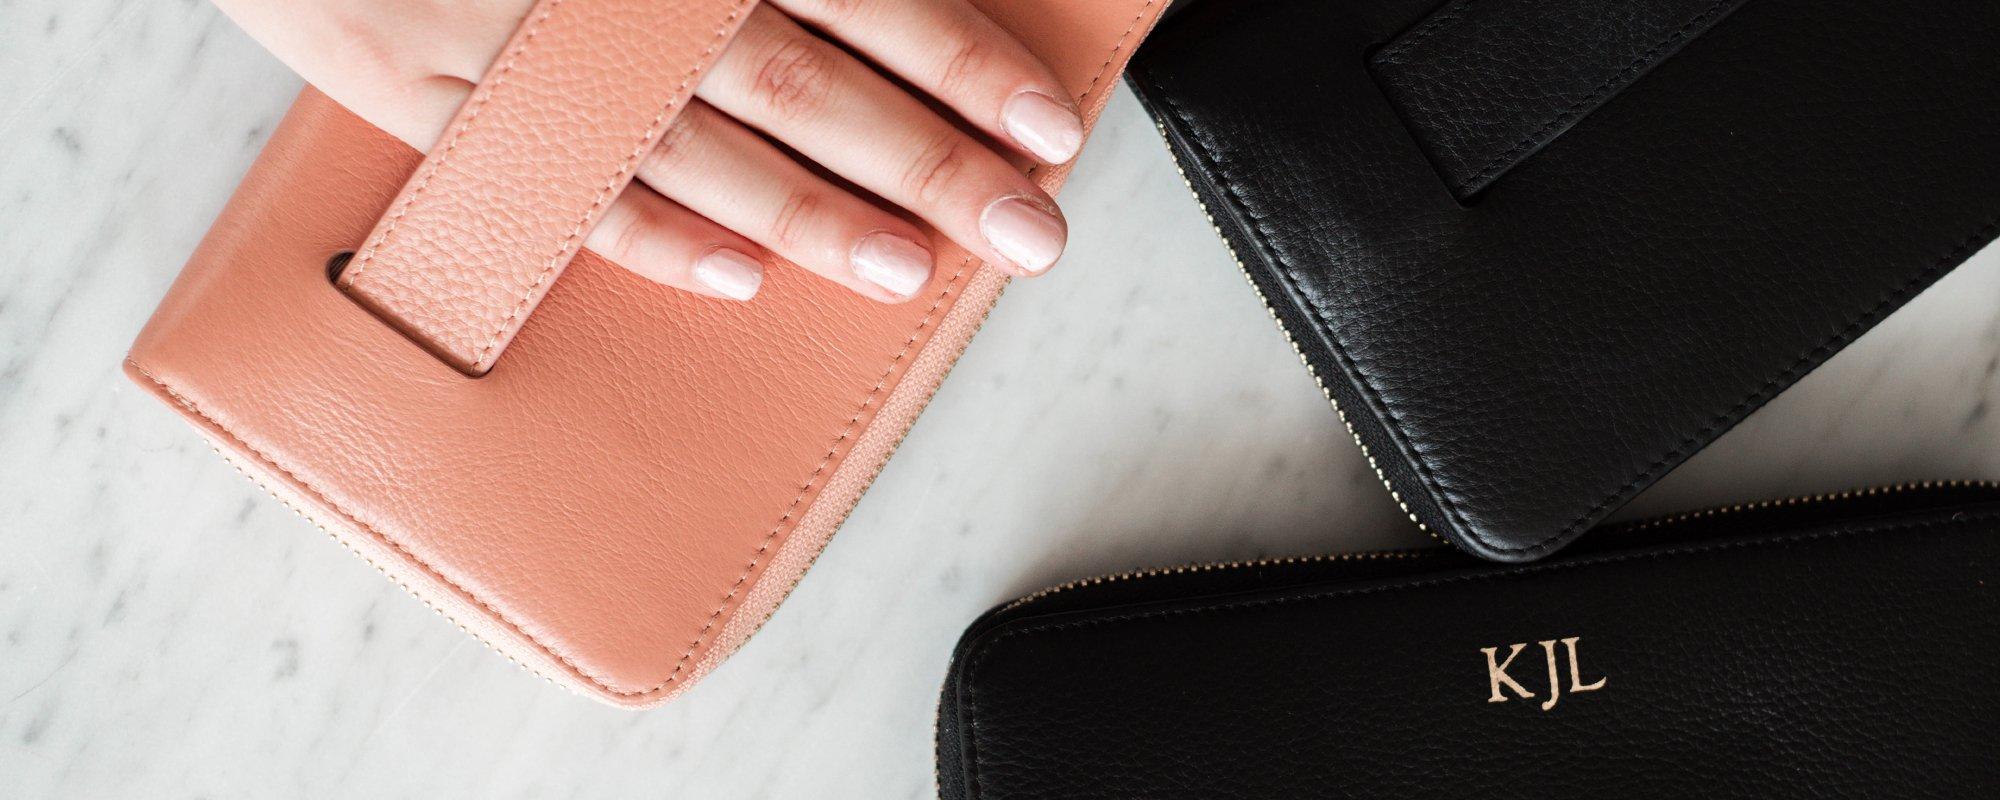 Bi-Fold Leather Wallet- Grain Black